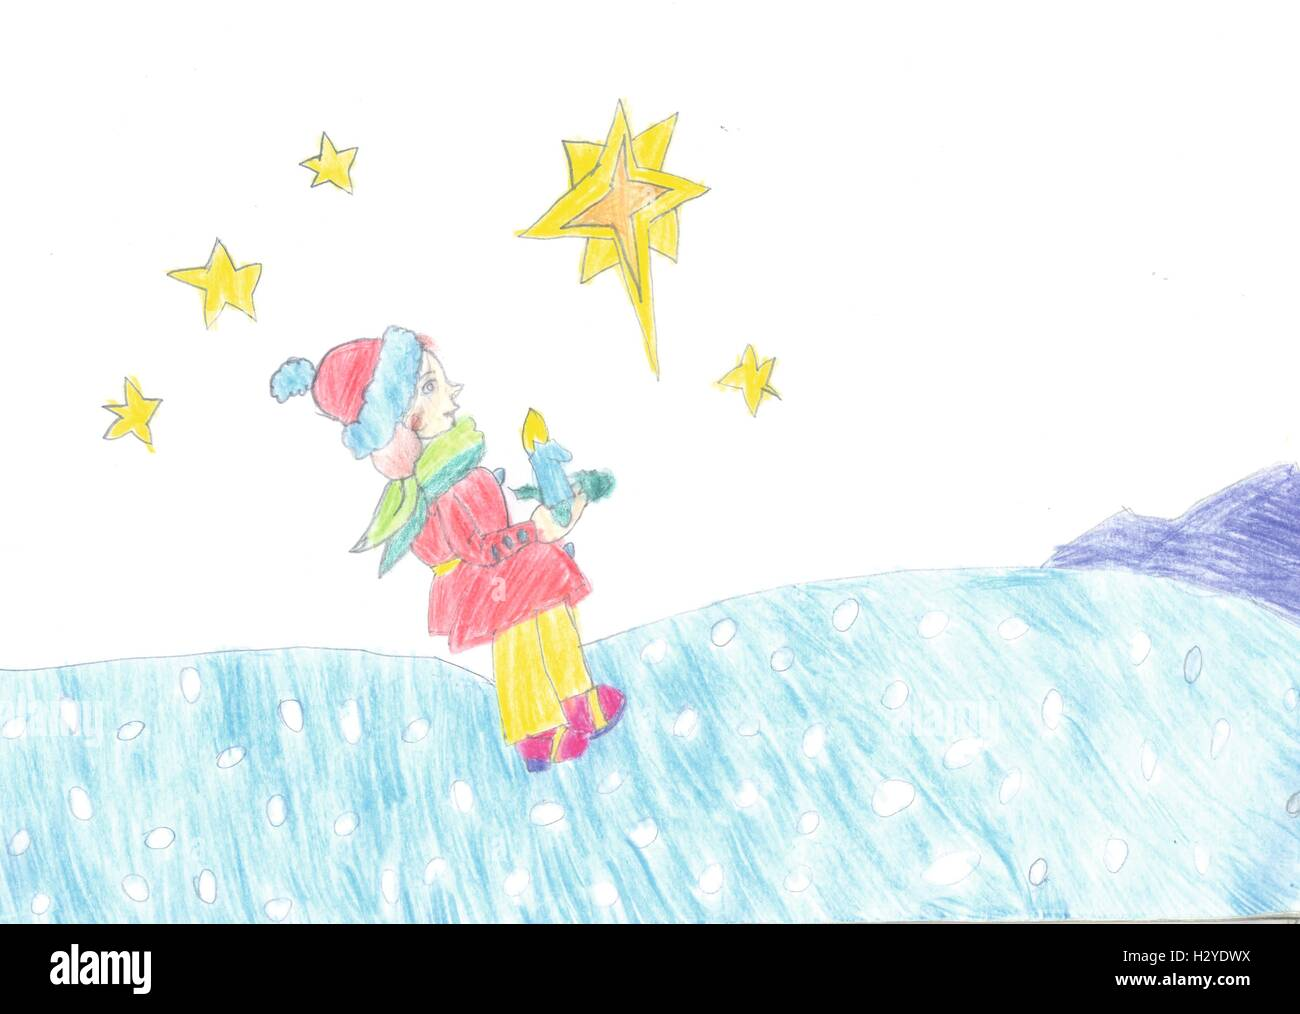 Niño Estrellas Niño Nocturno ImágenesFotos Cielo cTKF3l1J